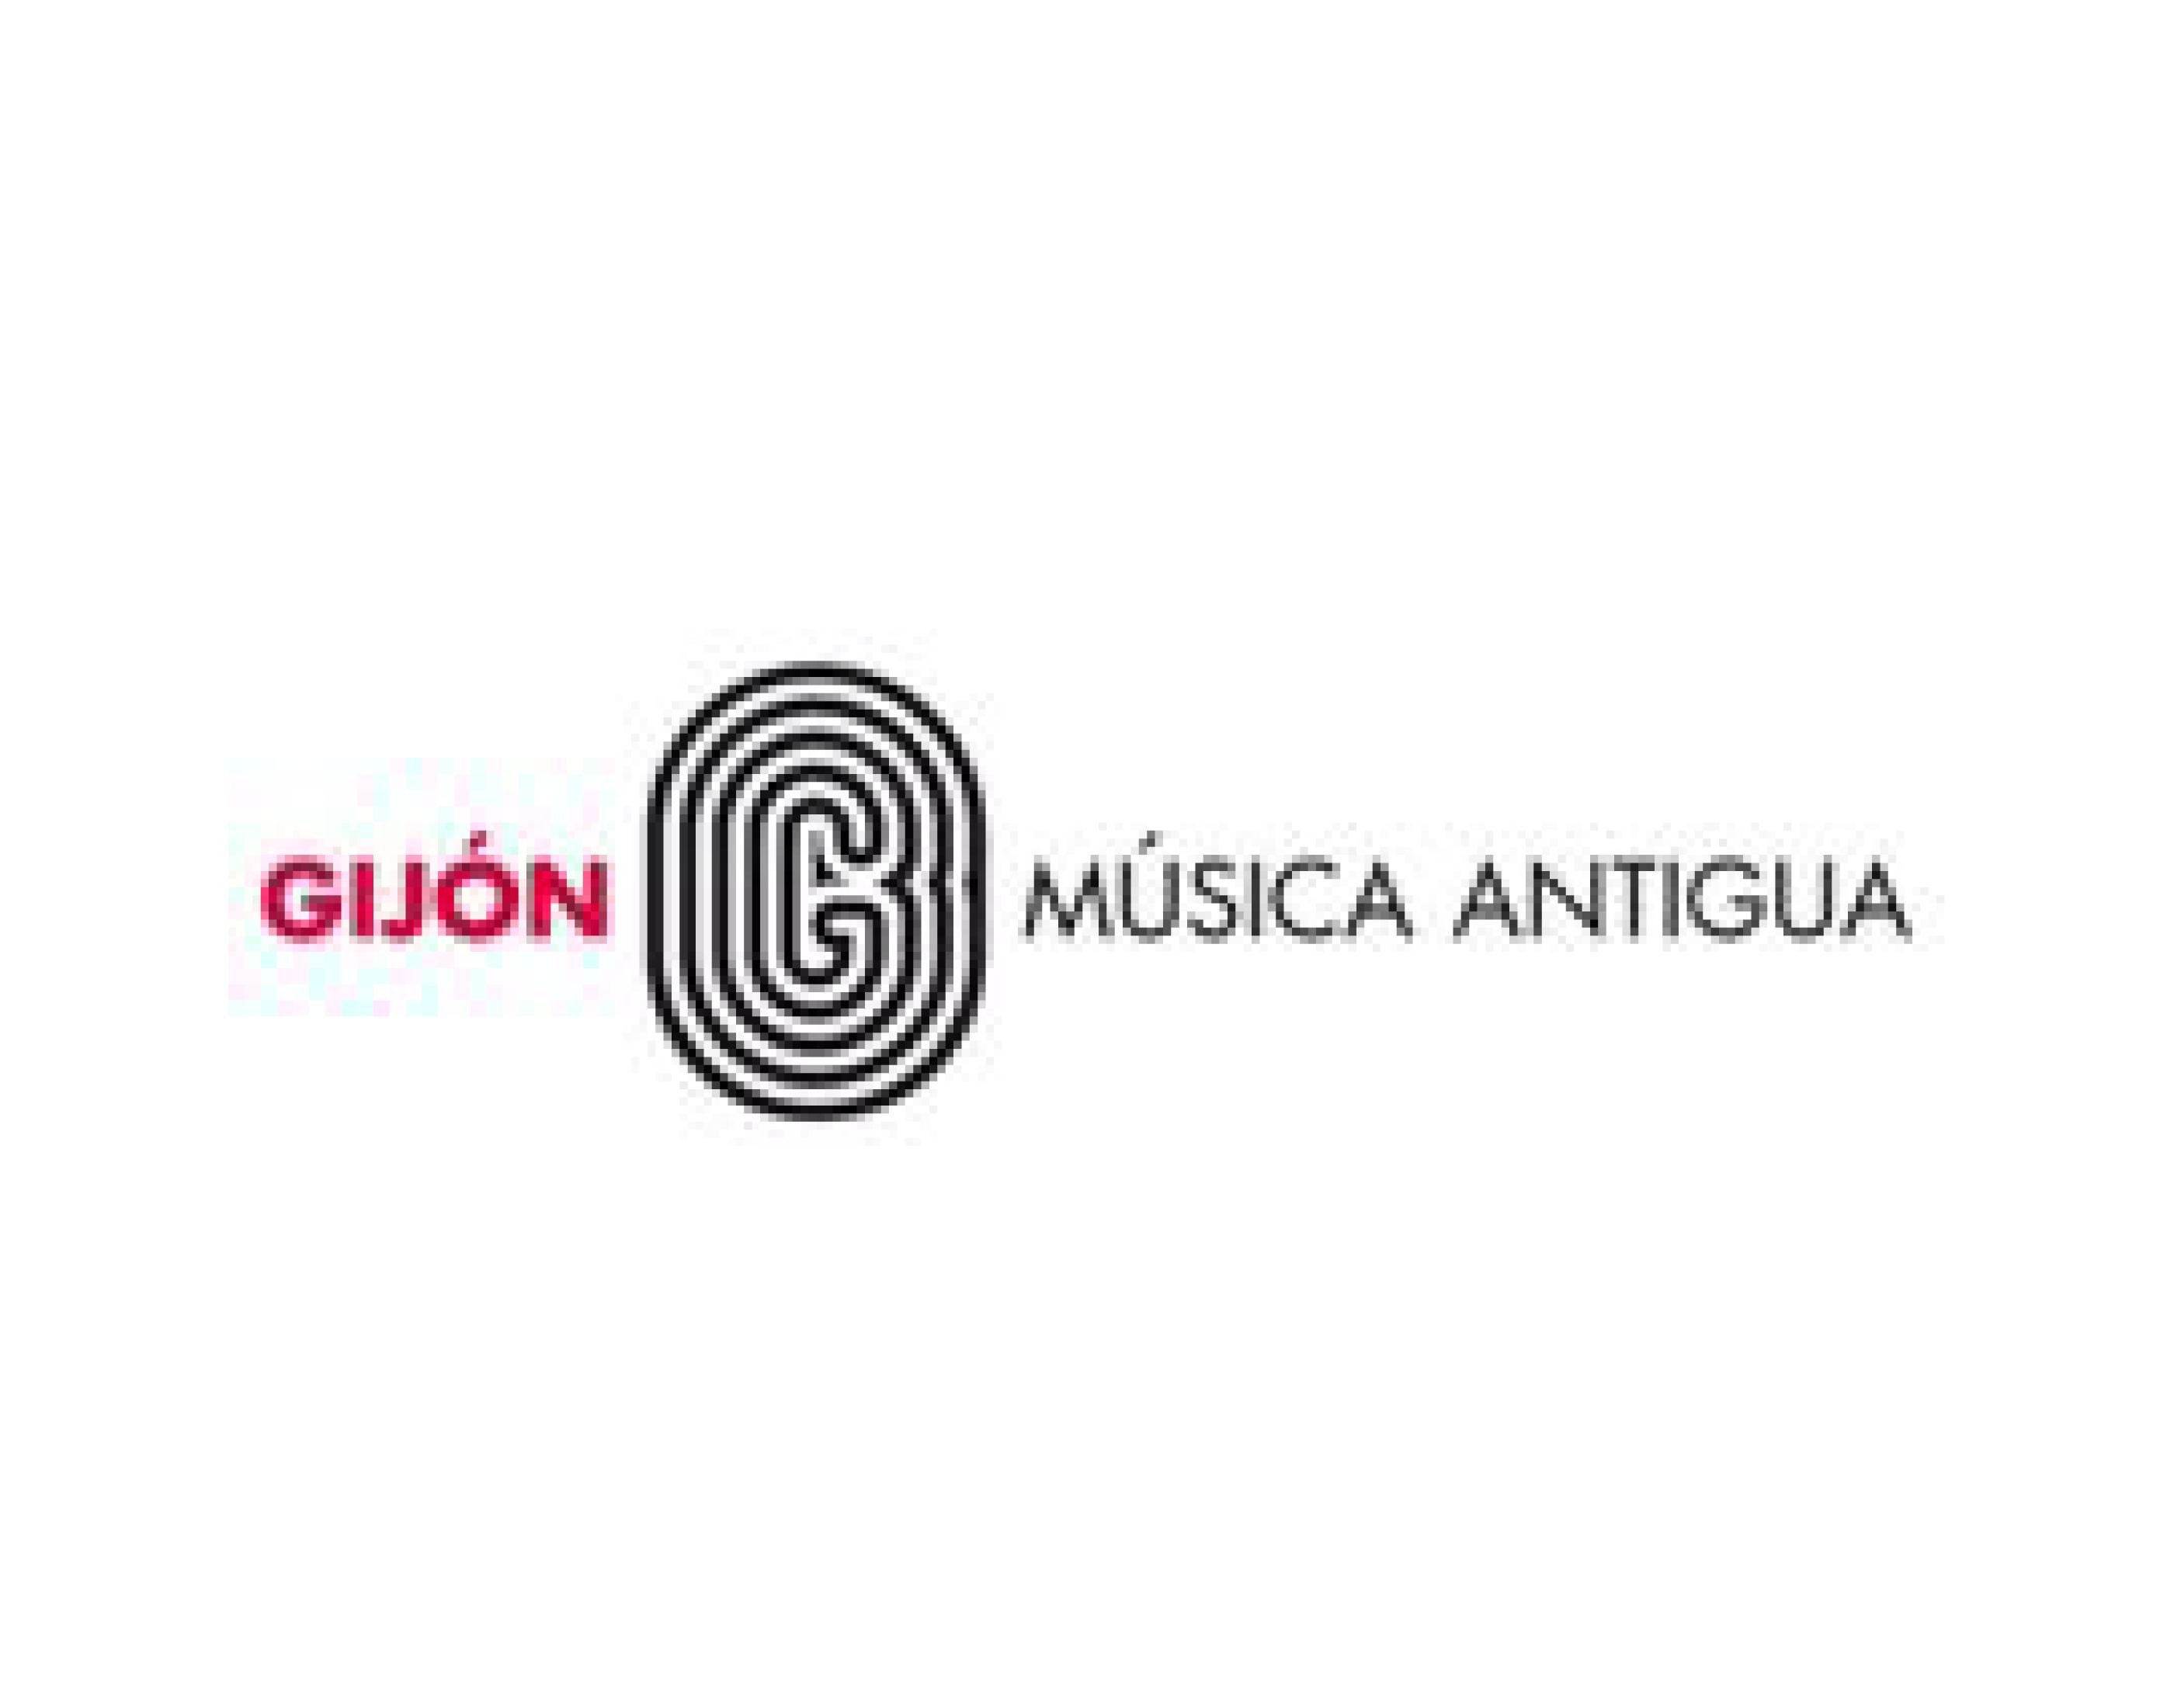 Gijón Música Antigua